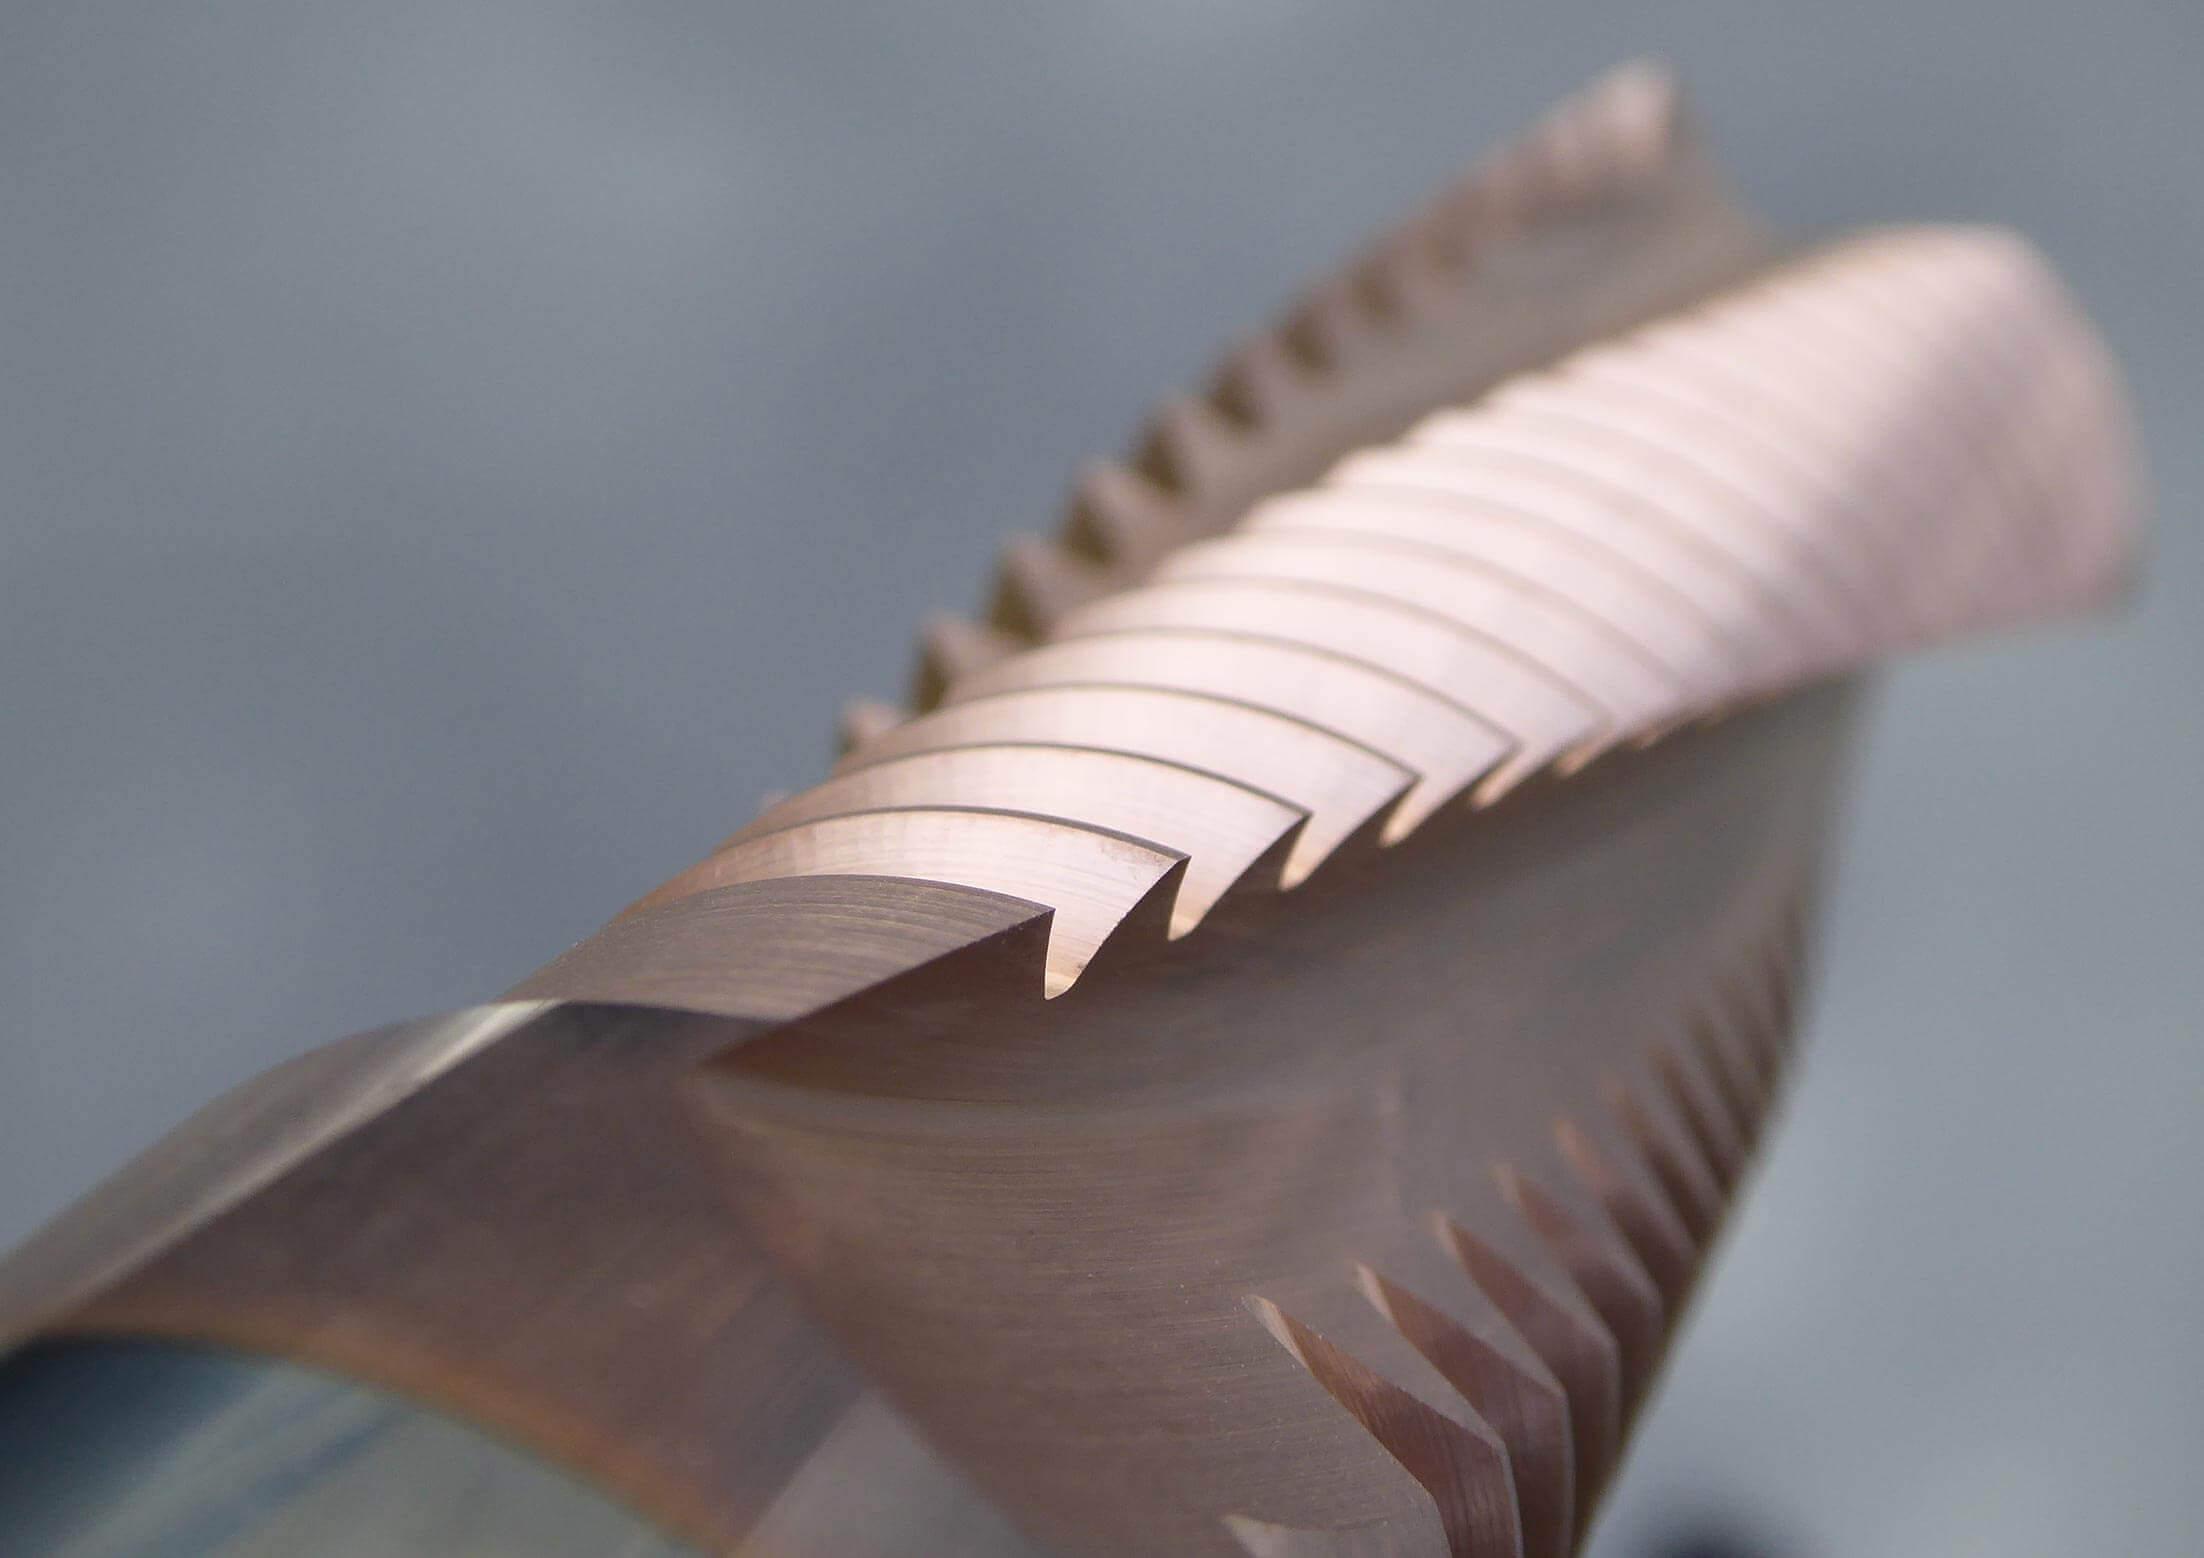 ThreadBurr – Fresas de Roscar de Metal Duro Integral de SmiCut